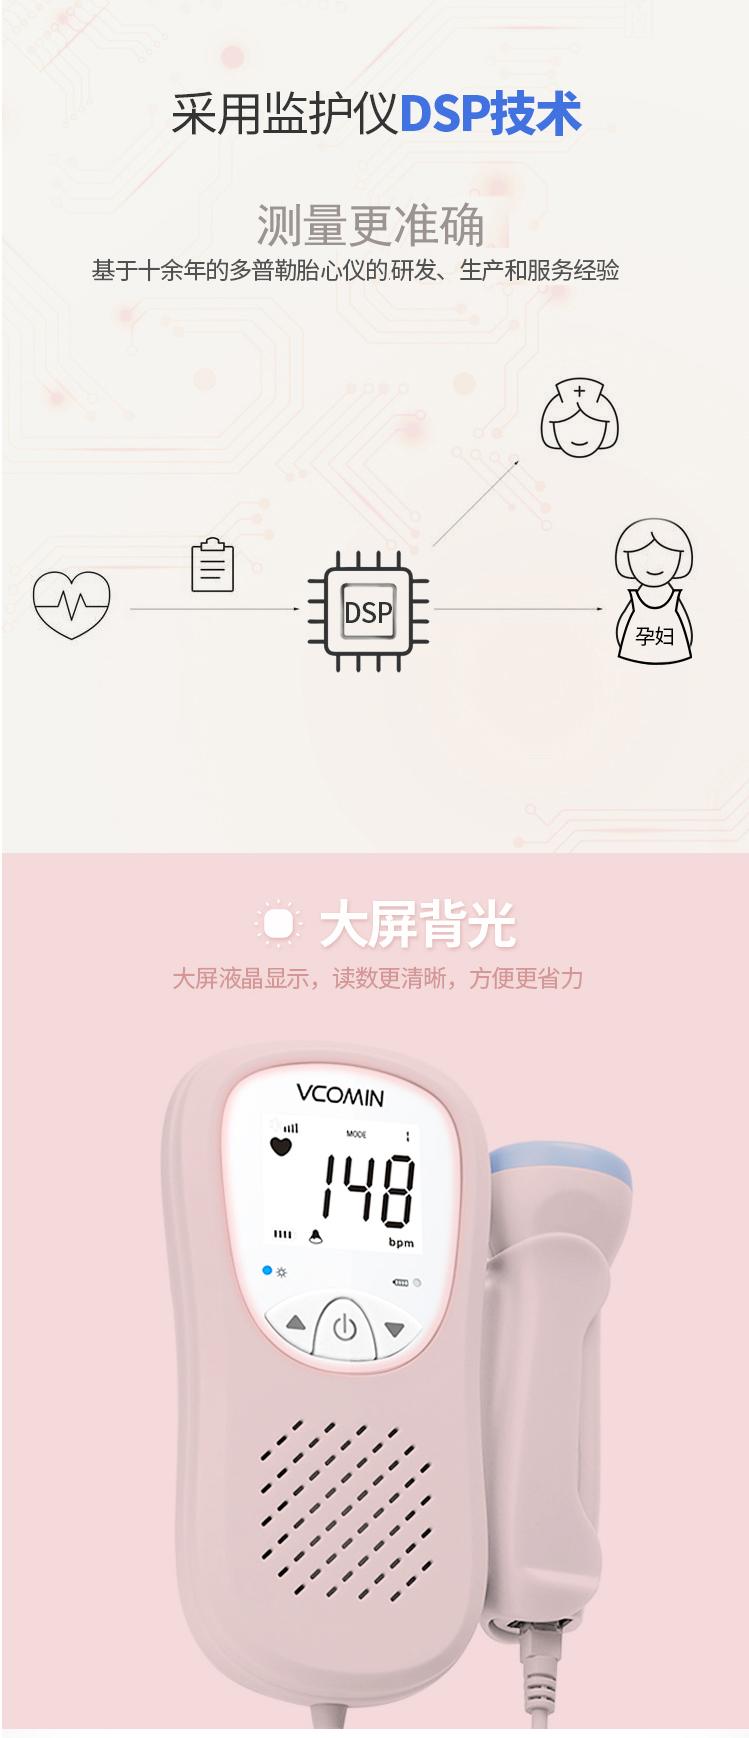 卫康明多普勒胎心仪FD-240B 孕妇家用胎心监测仪 听宝宝胎心胎音仪